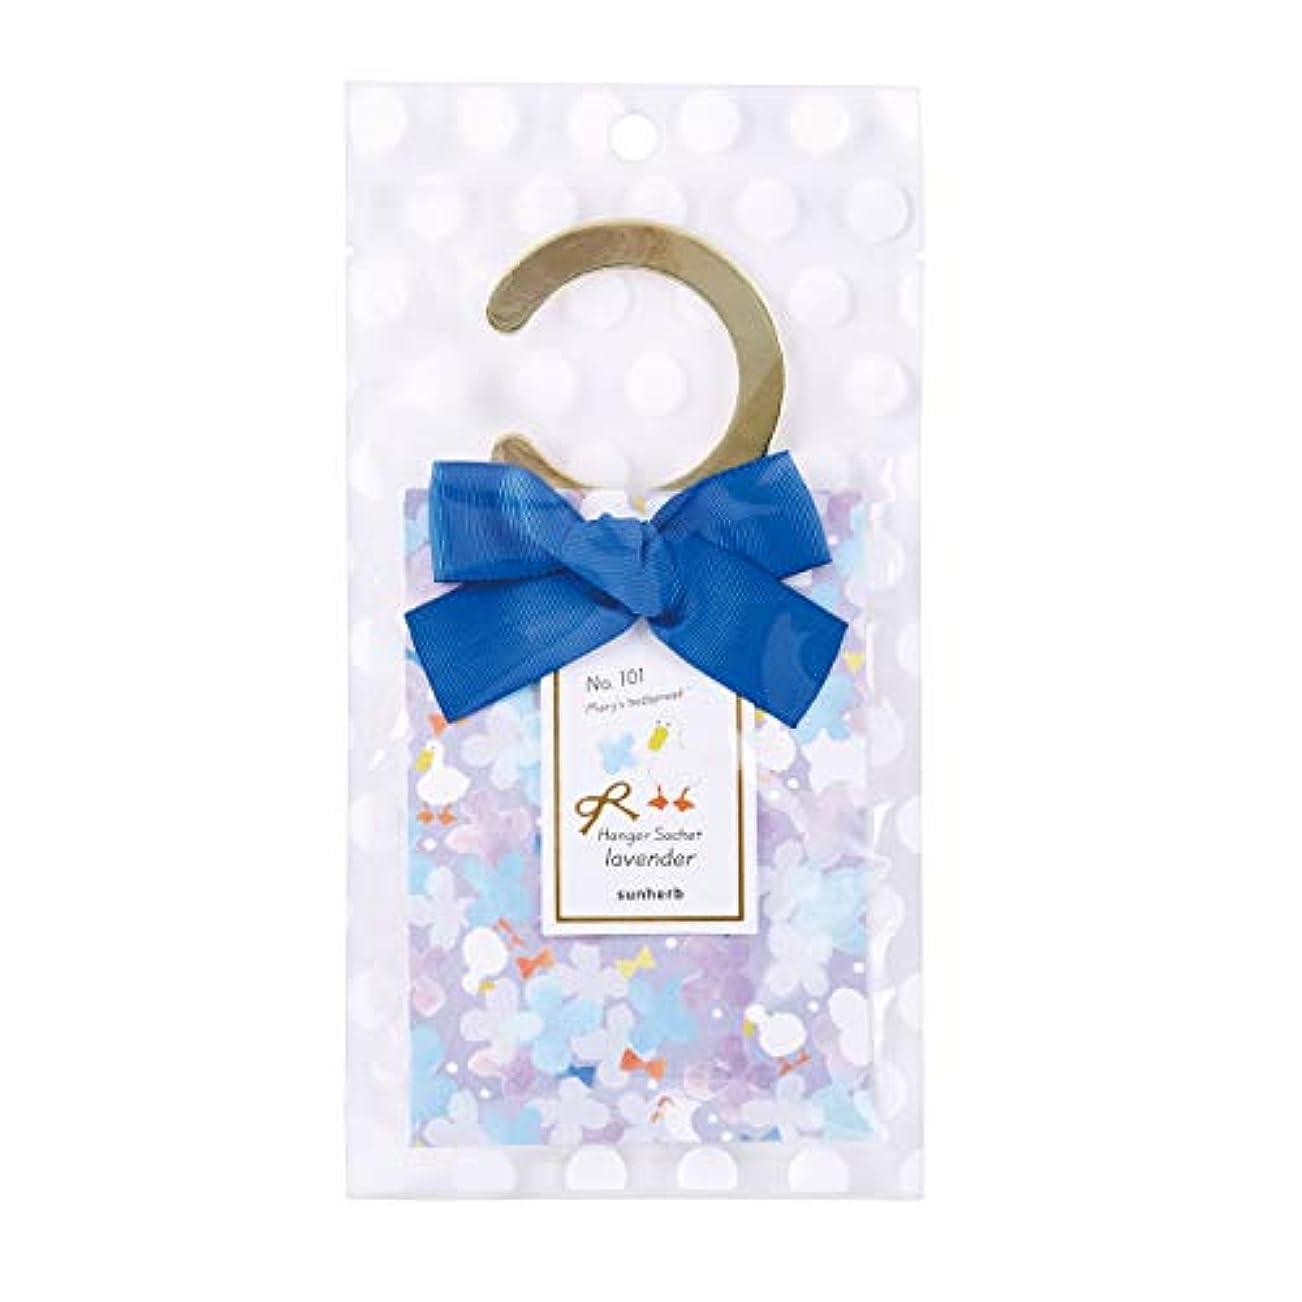 スクリーチ傷つける接辞サンハーブ ハンガーサシェ ラベンダーの香り (吊り下げ芳香剤 アヒルが描かれたラベンダー色のデザイン)